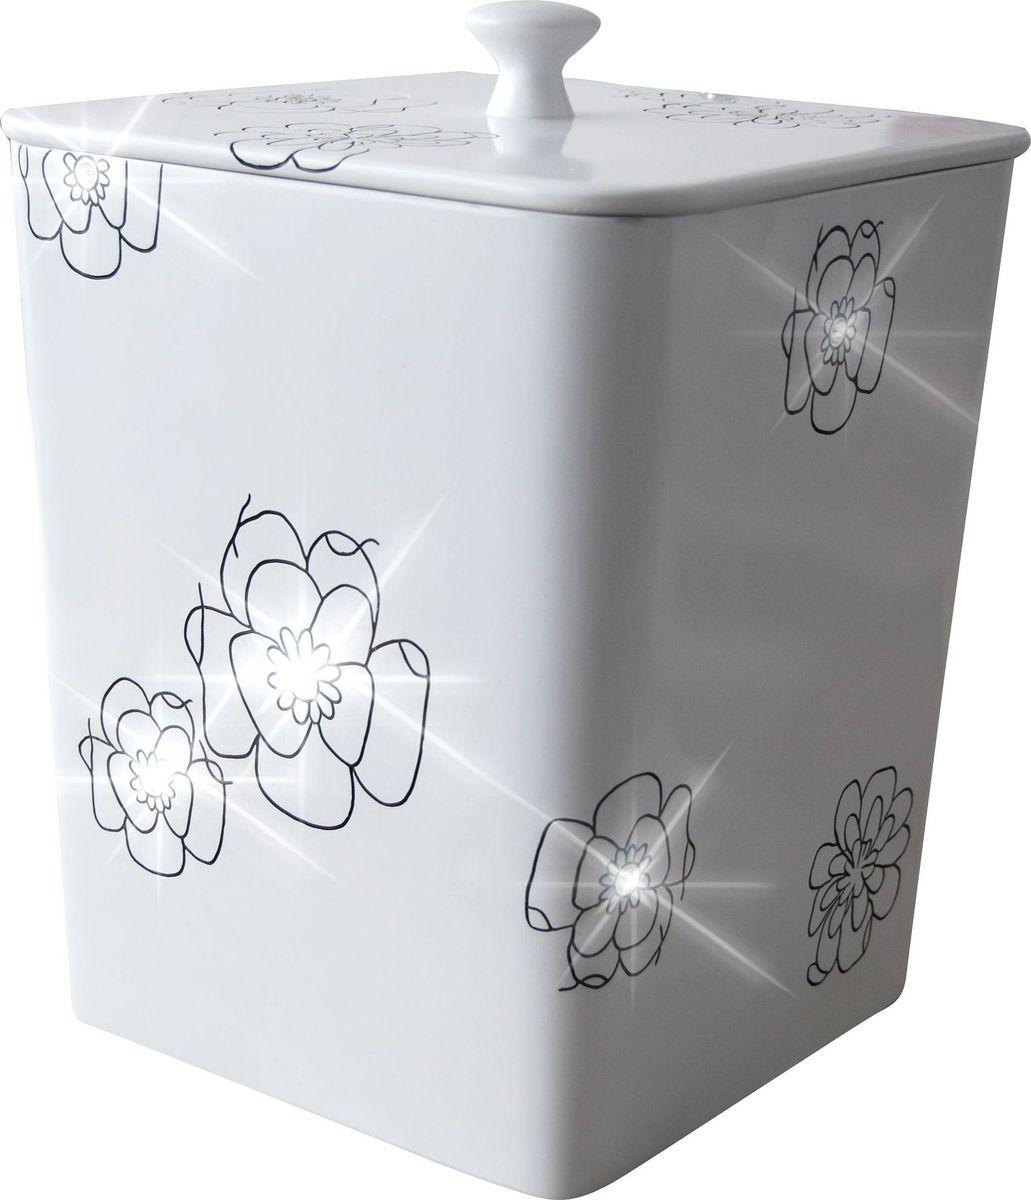 Ведро мусорное Ridder Diamond, цвет: белый, 8,5 л22160601Высококачественные немецкие аксессуары для ванных комнат. Данная серия изготавливается из полирезина. Экологичный полирезин - это твердый многокомпонентный материал на основе синтетической смолы, с добавлением каменной крошки и красящих пигментов Объем: 8,5 л.